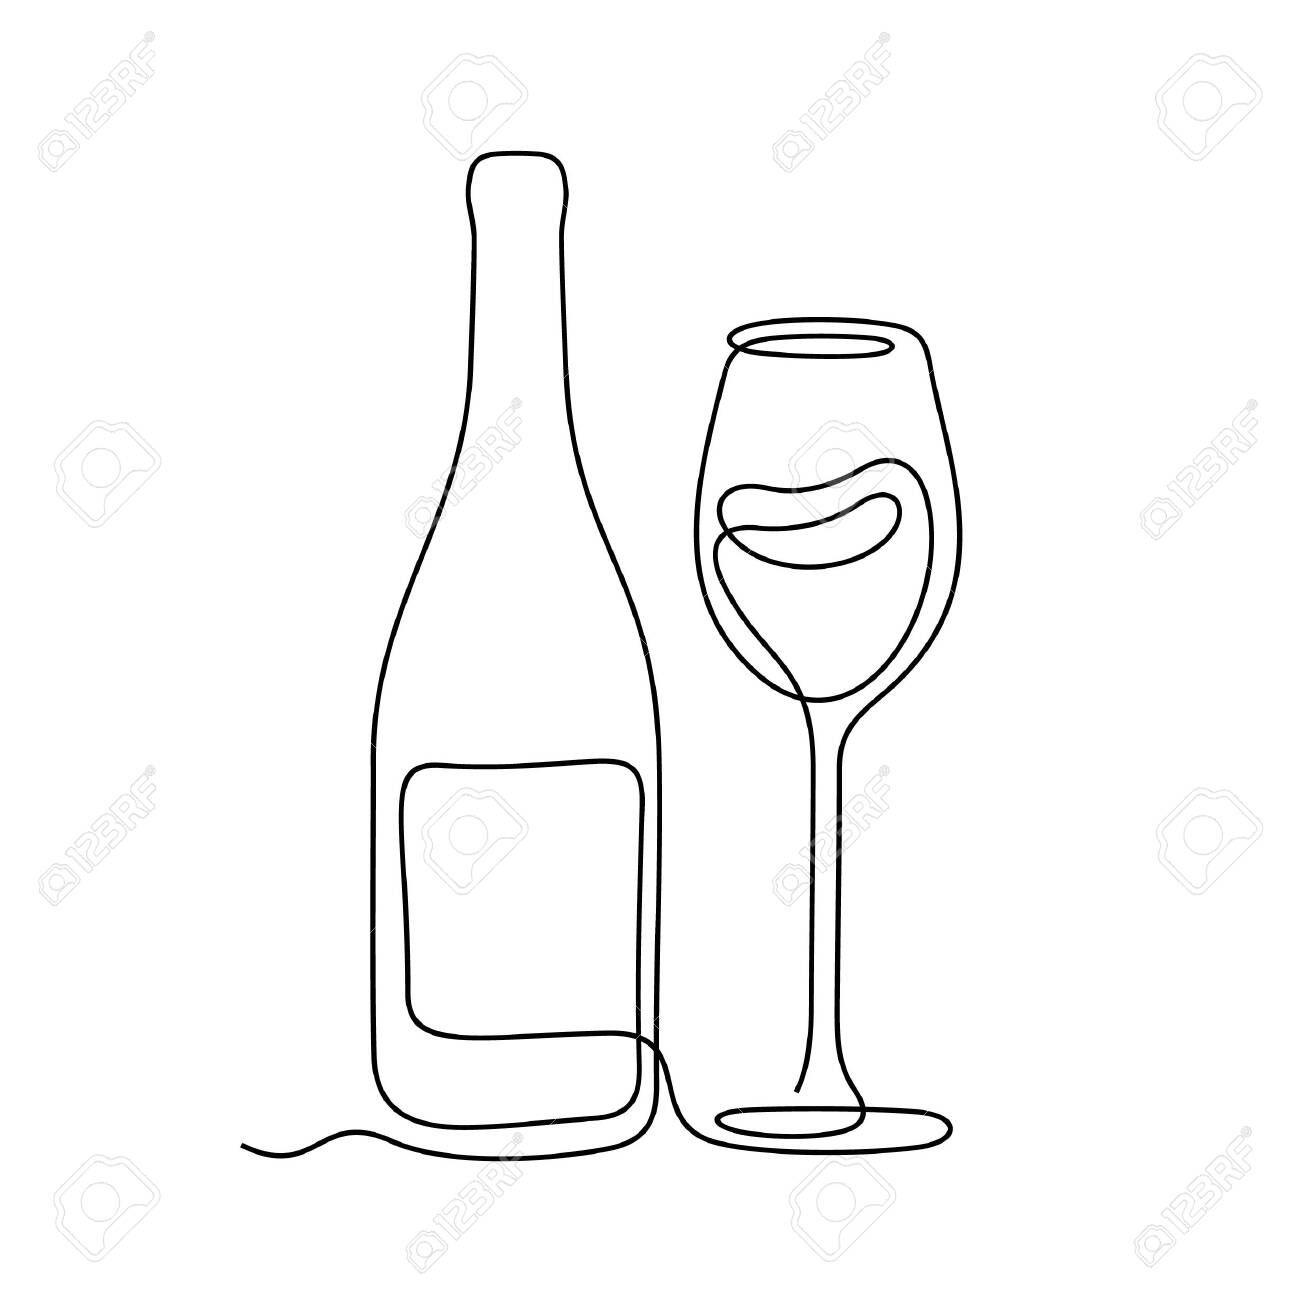 Wine One Line Vector Illustration Stock Vector 137850177 Line Art Drawings Outline Art Line Art Design